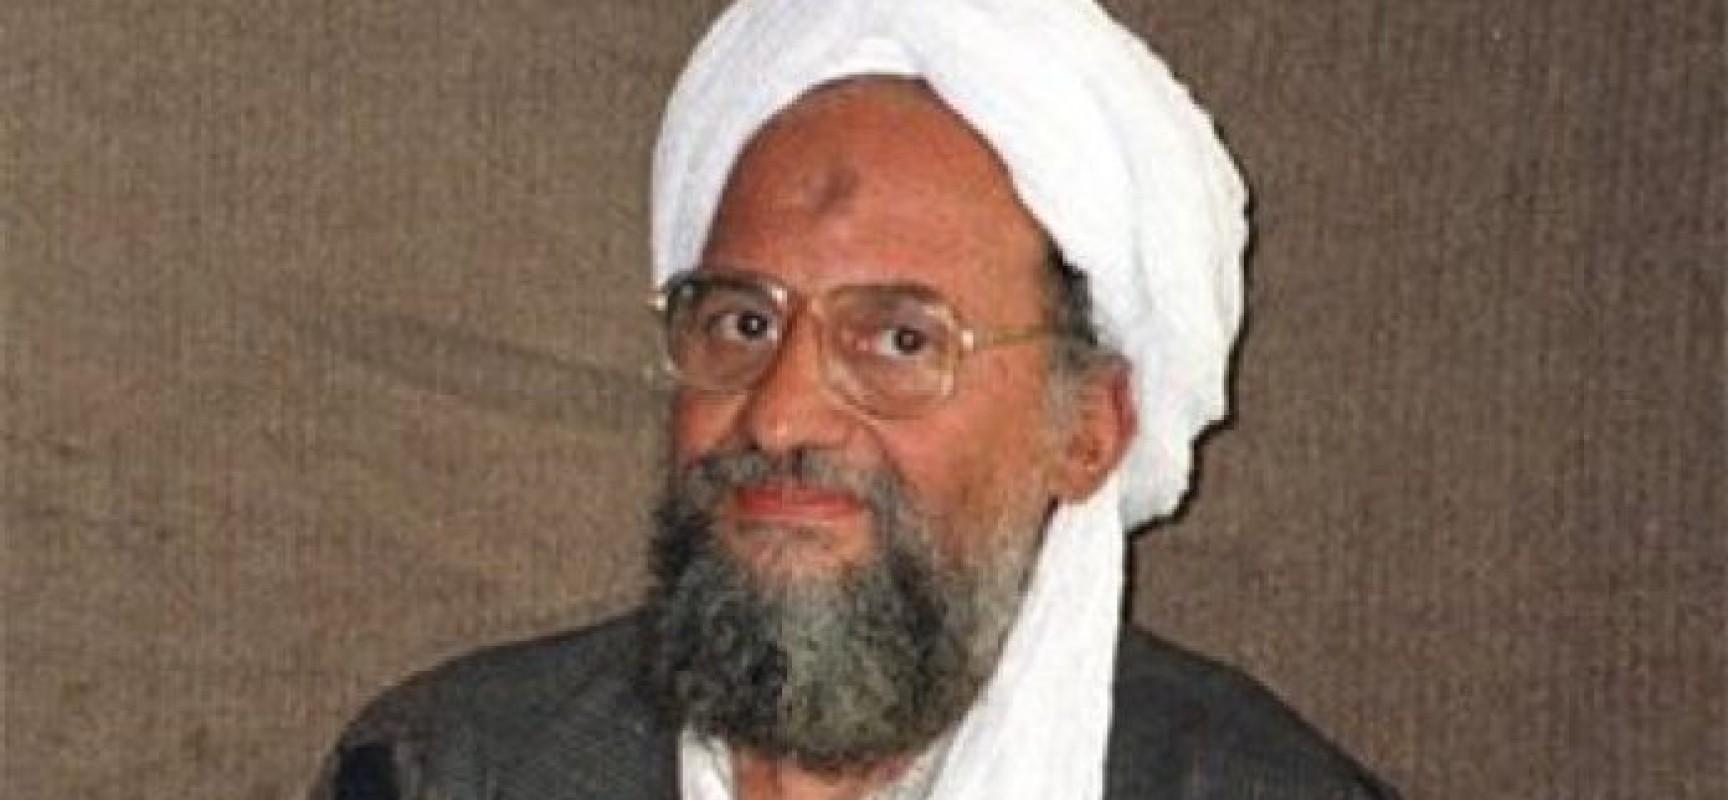 Cherche-on à réveiller Al Qaïda ? Le chef du groupe terroriste menace de répéter le 11-Septembre des « milliers de fois »